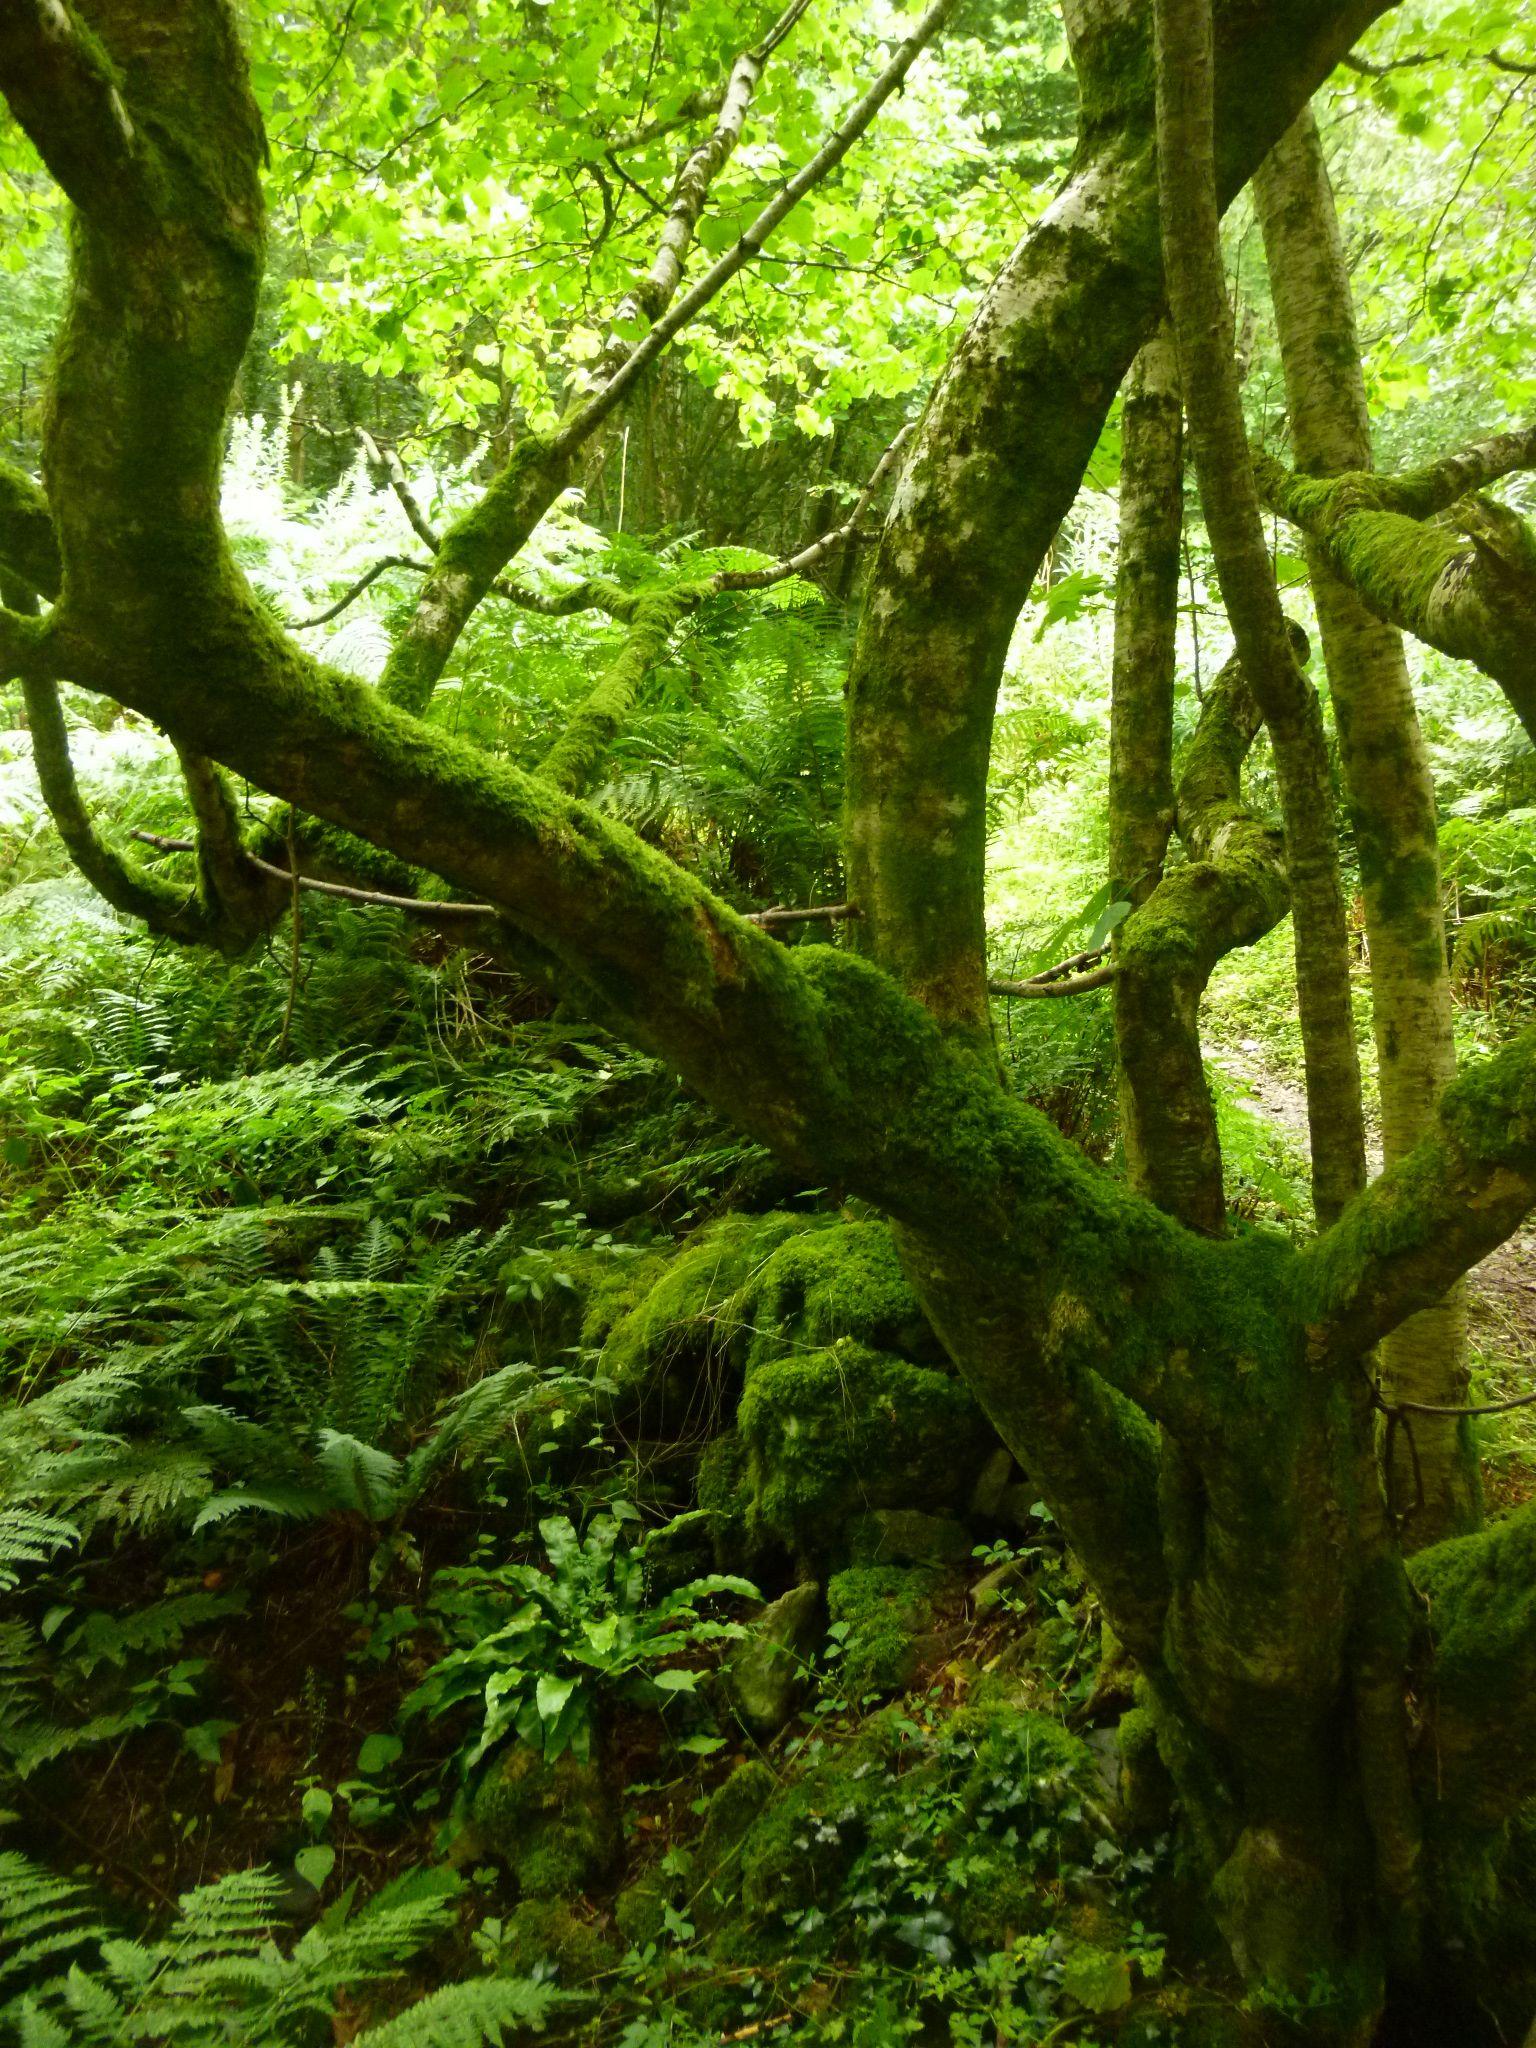 woodland near cwmtydu wales by chris.adams.3557